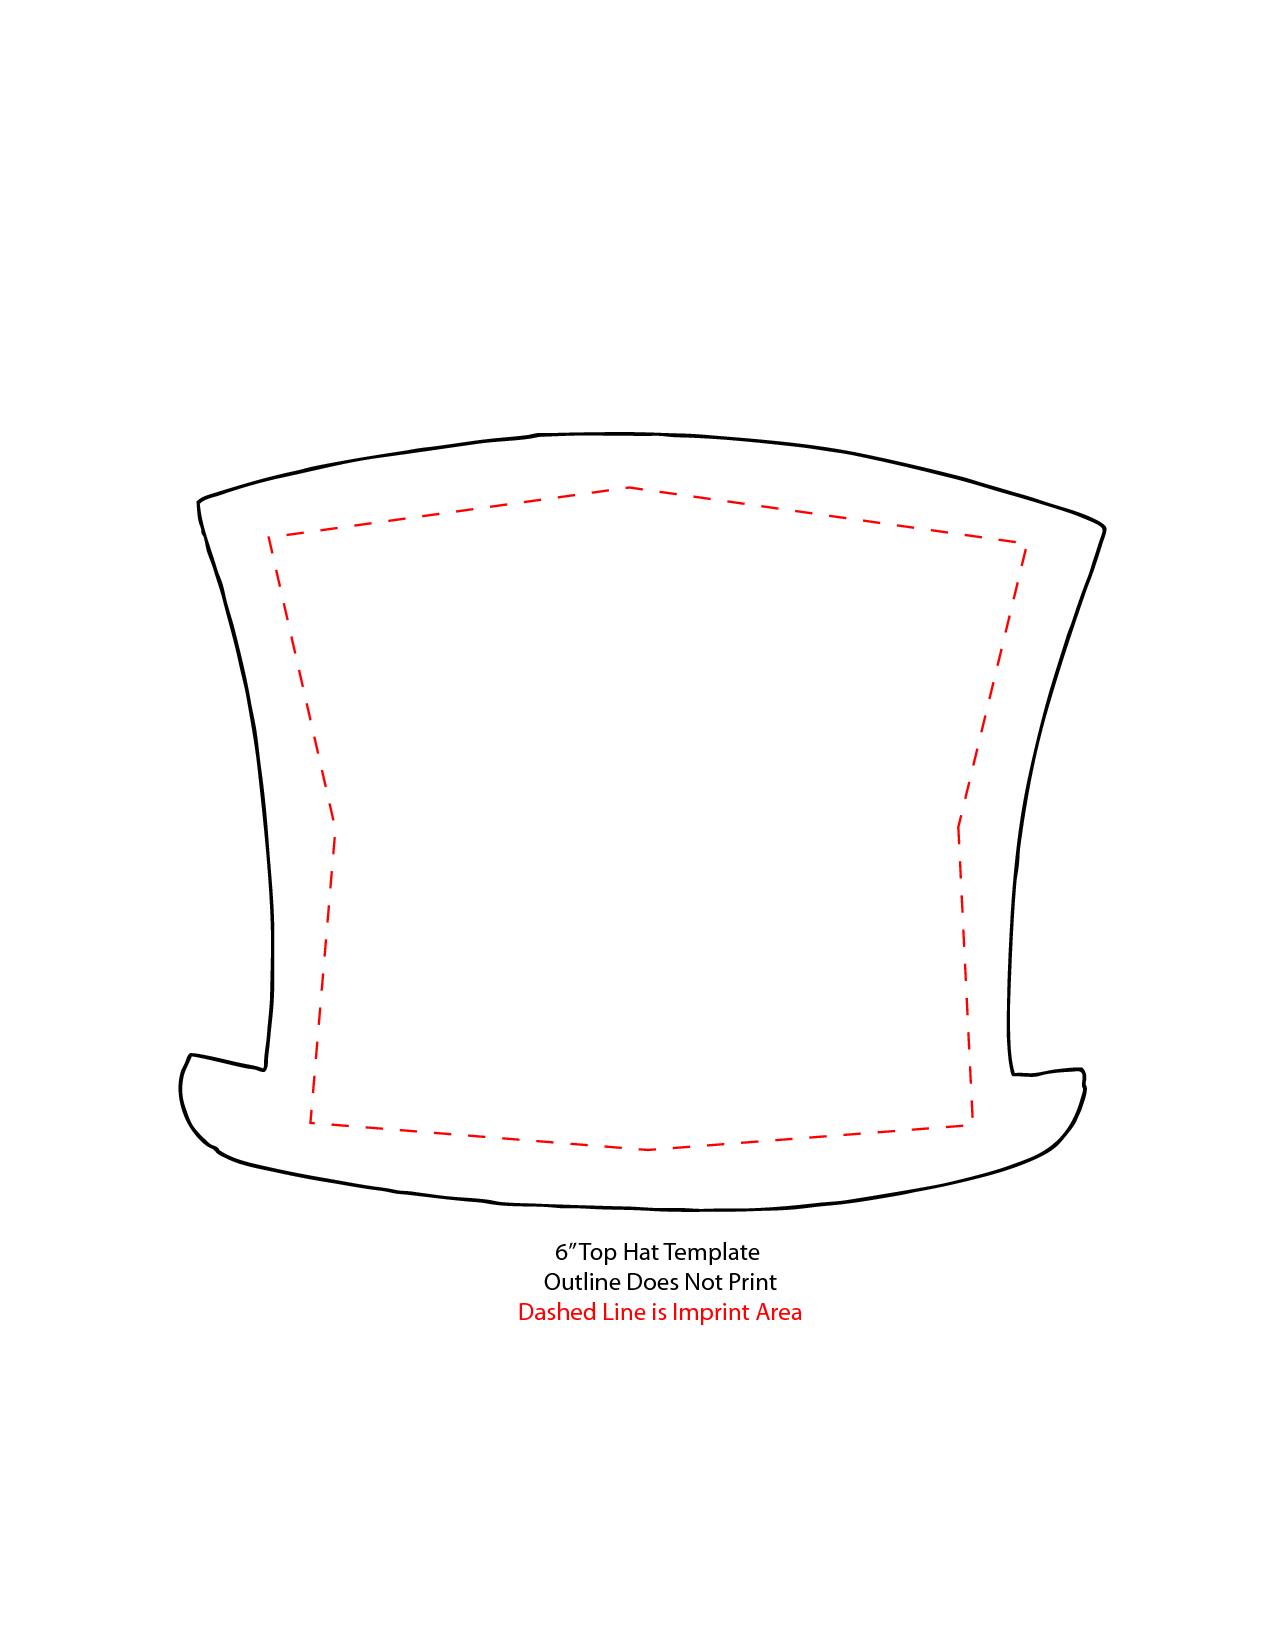 15 Snowman Hat Template Images - Printable Snowman Hat Pattern - Free Printable Snowman Hat Templates